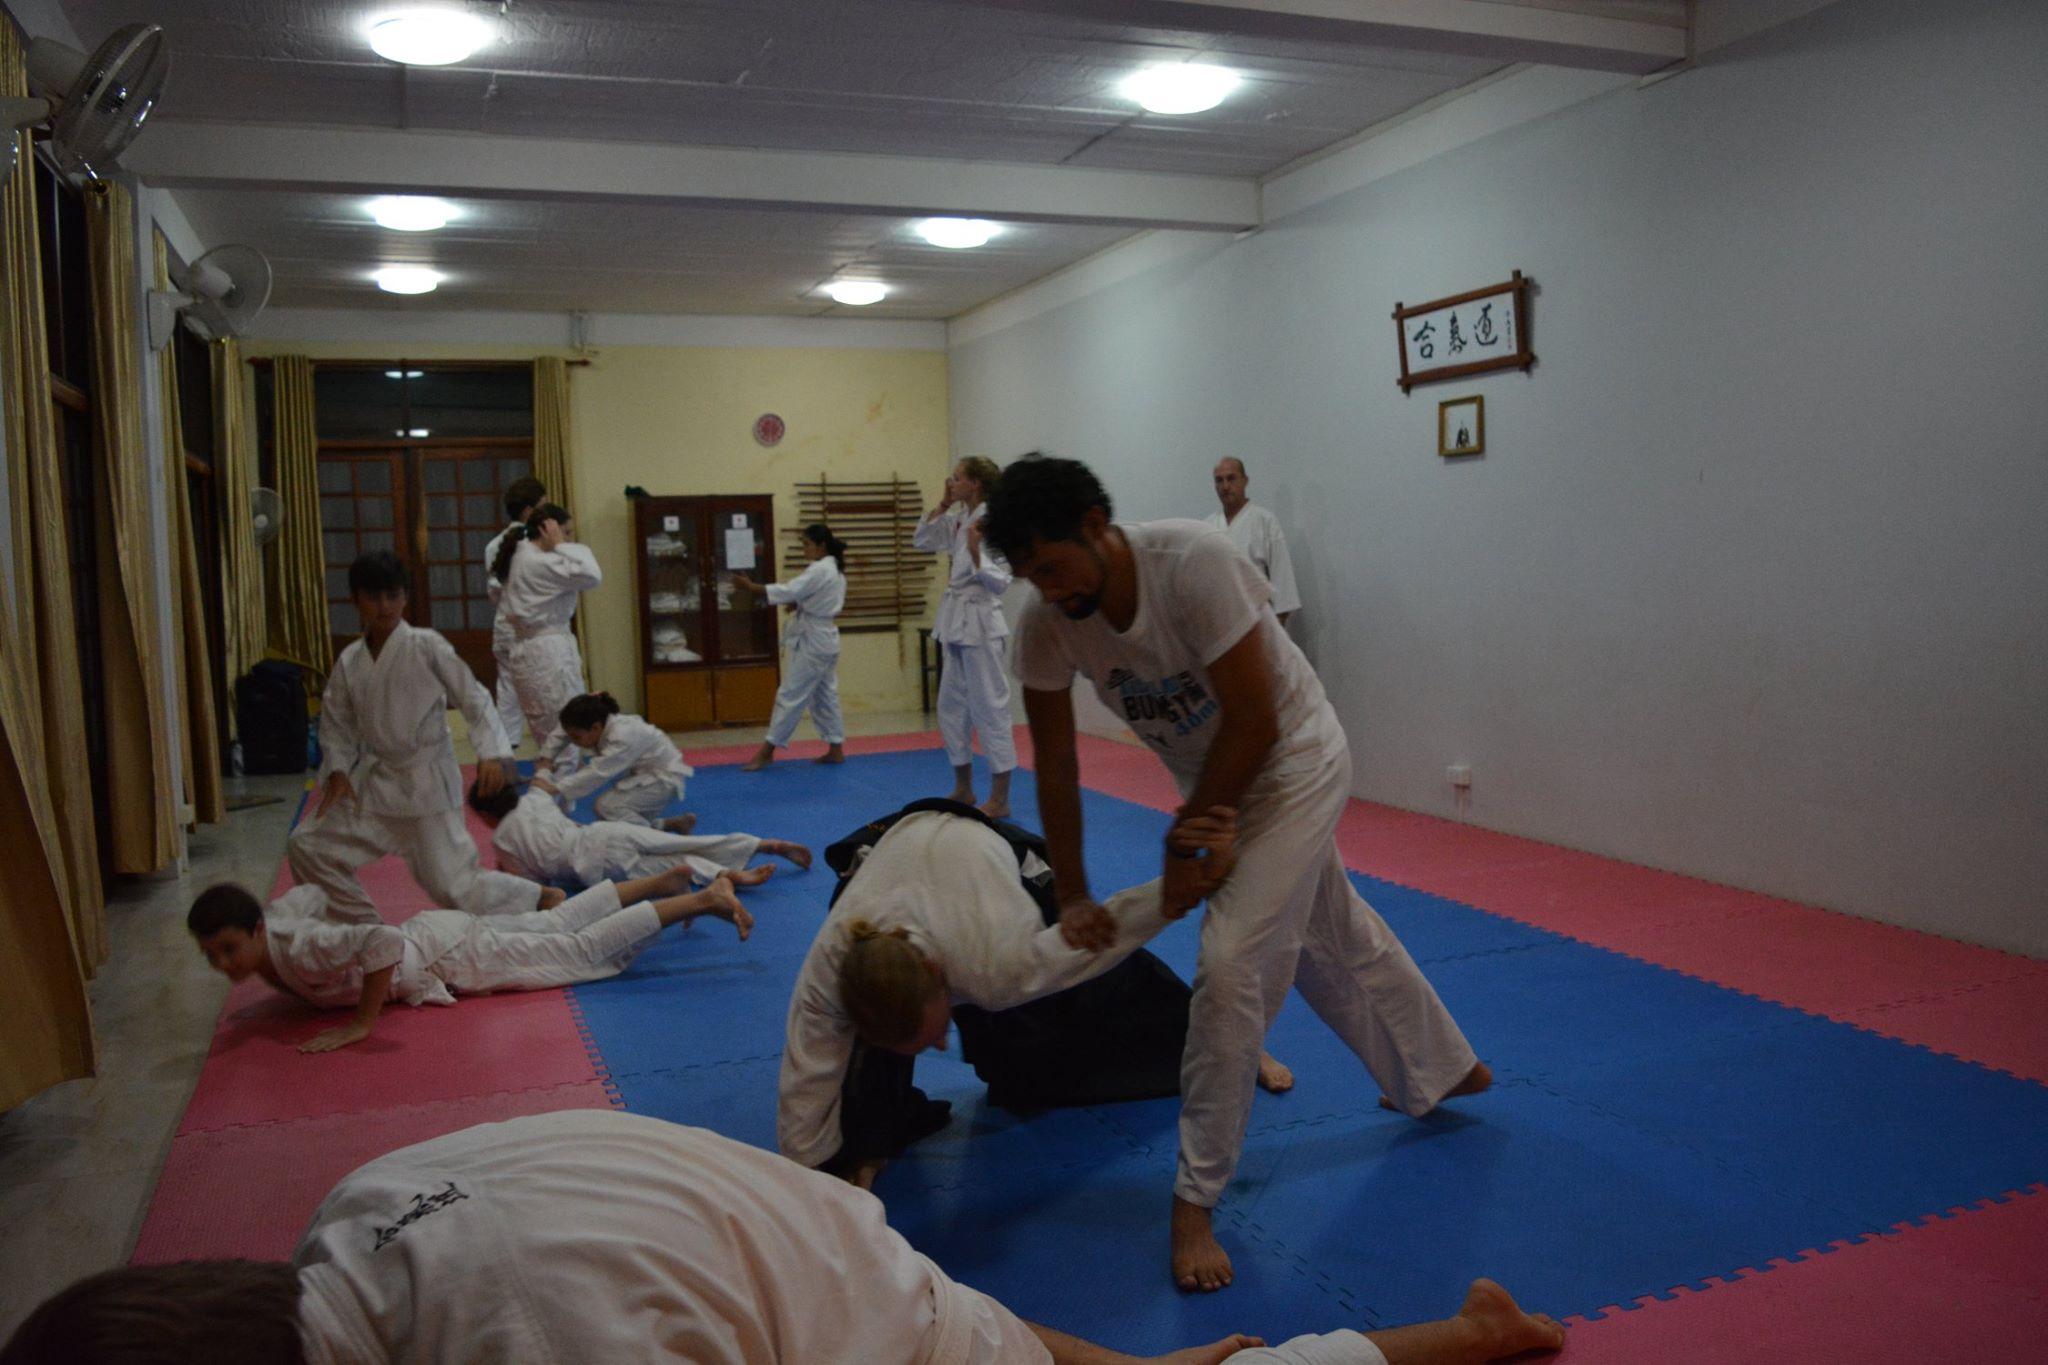 Práctica de Aikido en Laos